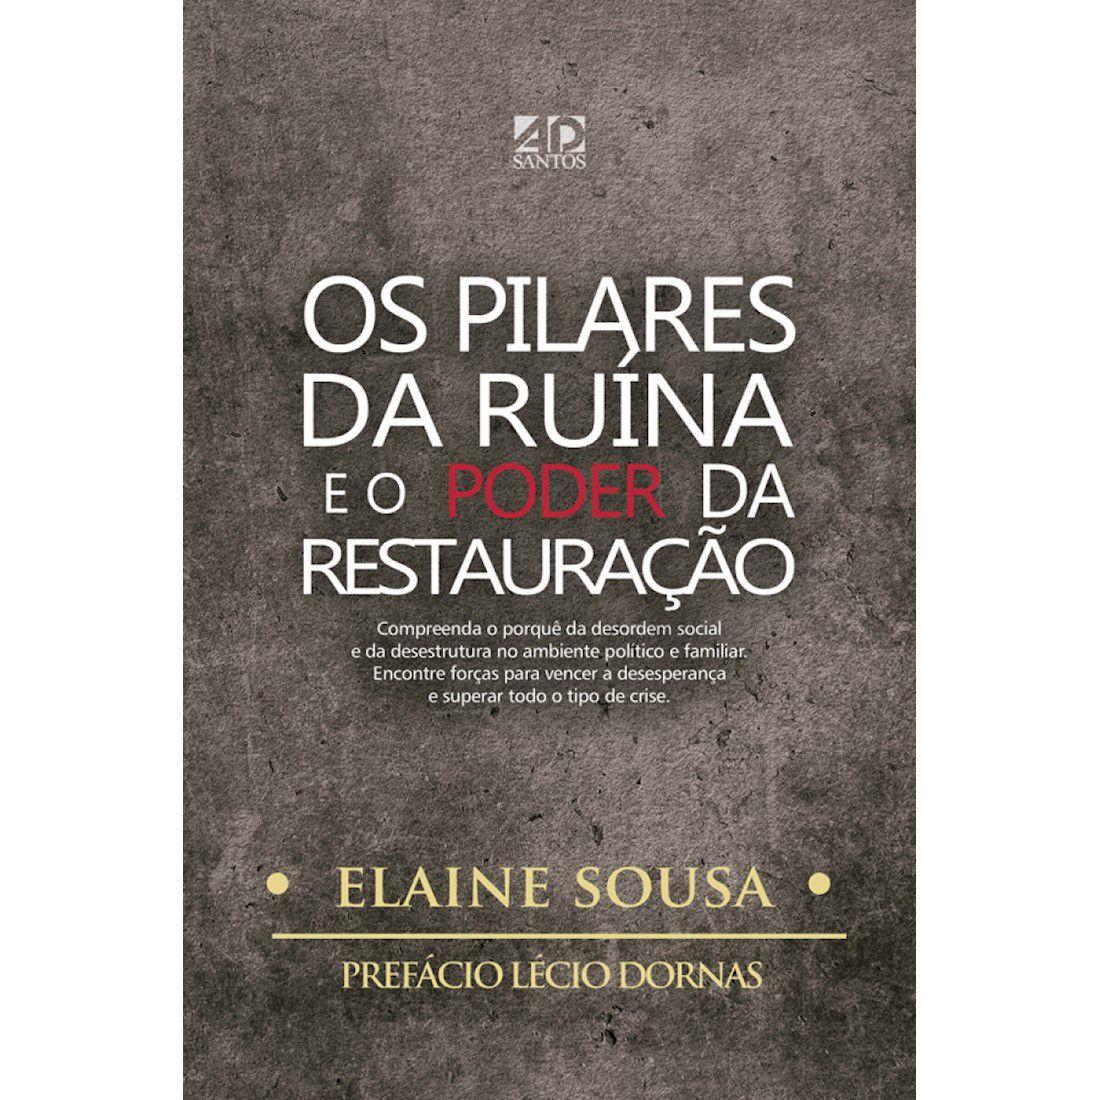 Livro Os Pilares da Ruína e o Poder da Restauração